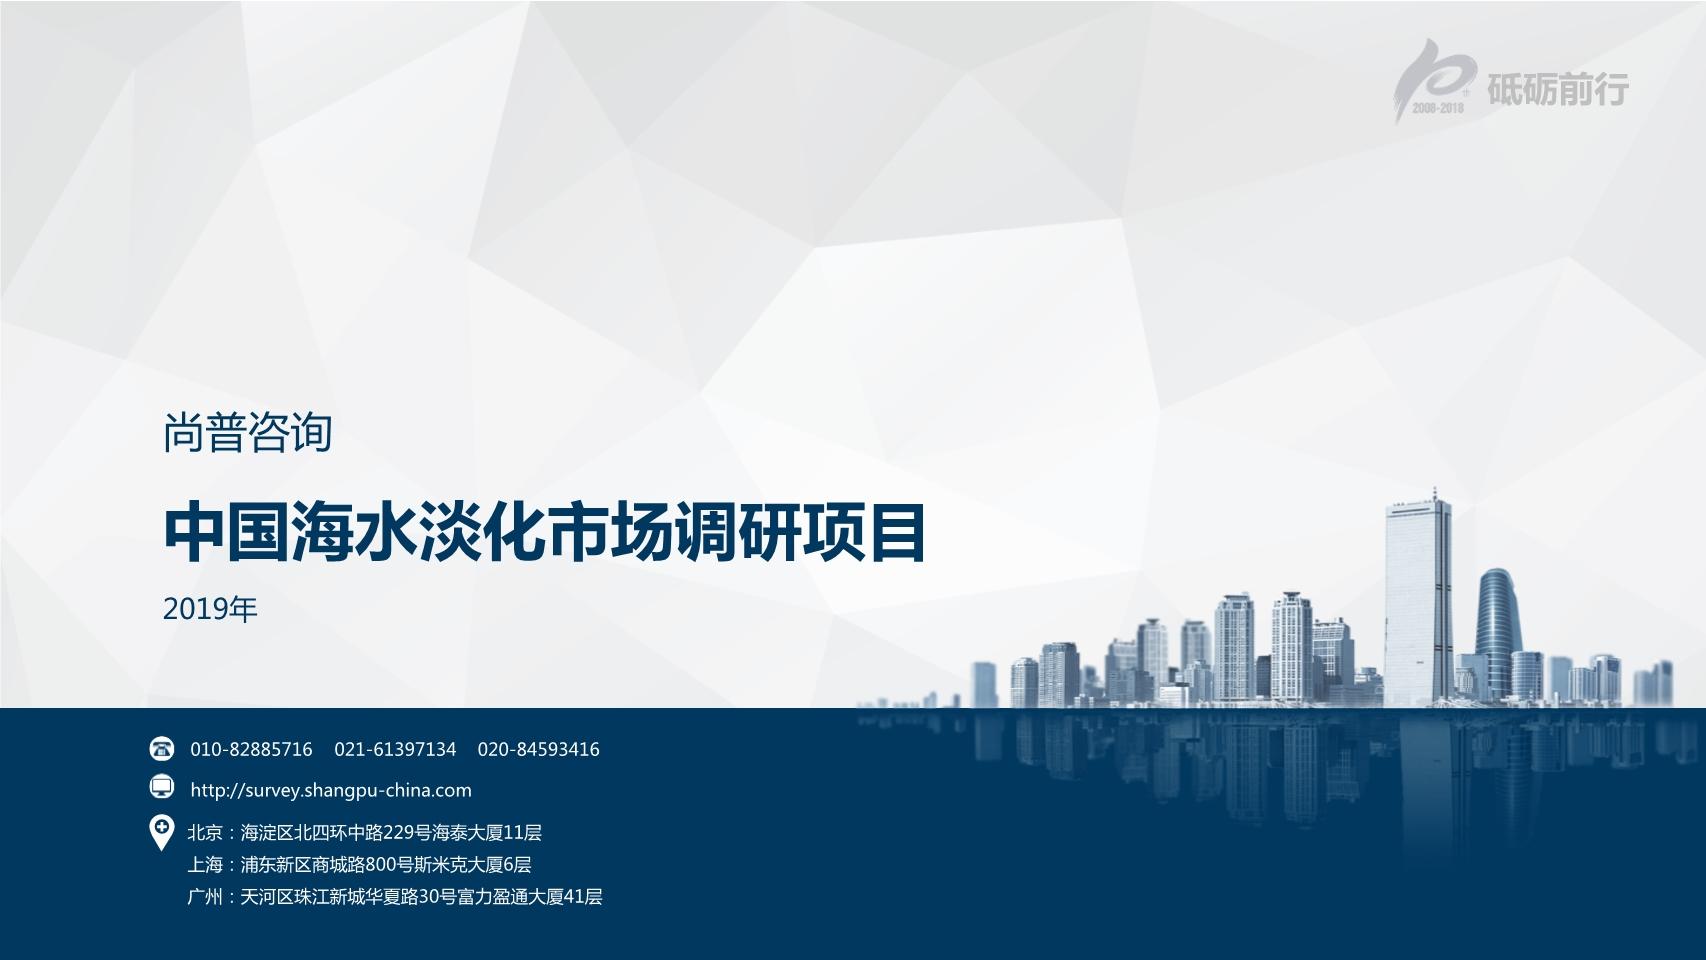 尚普咨询-中国海水淡化市场调研项目